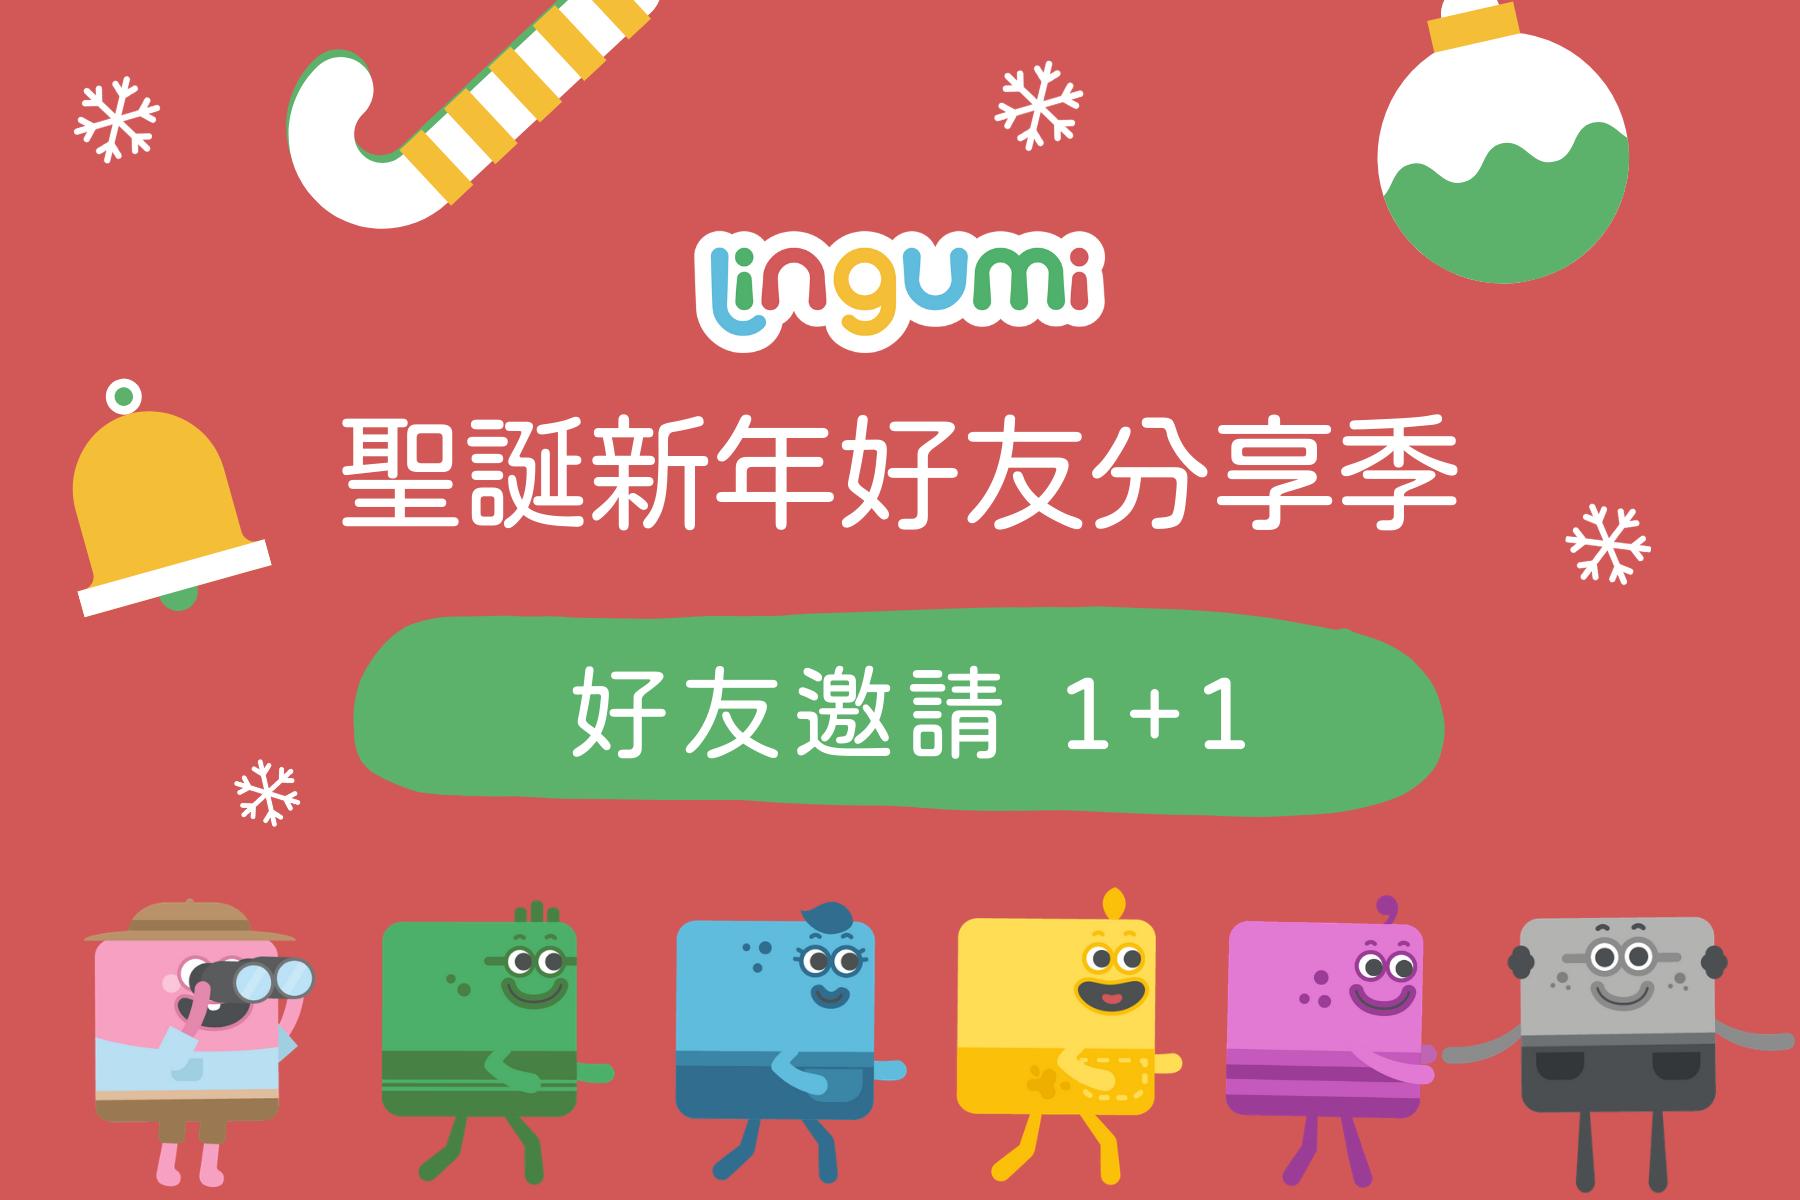 Lingumi 邀請好友